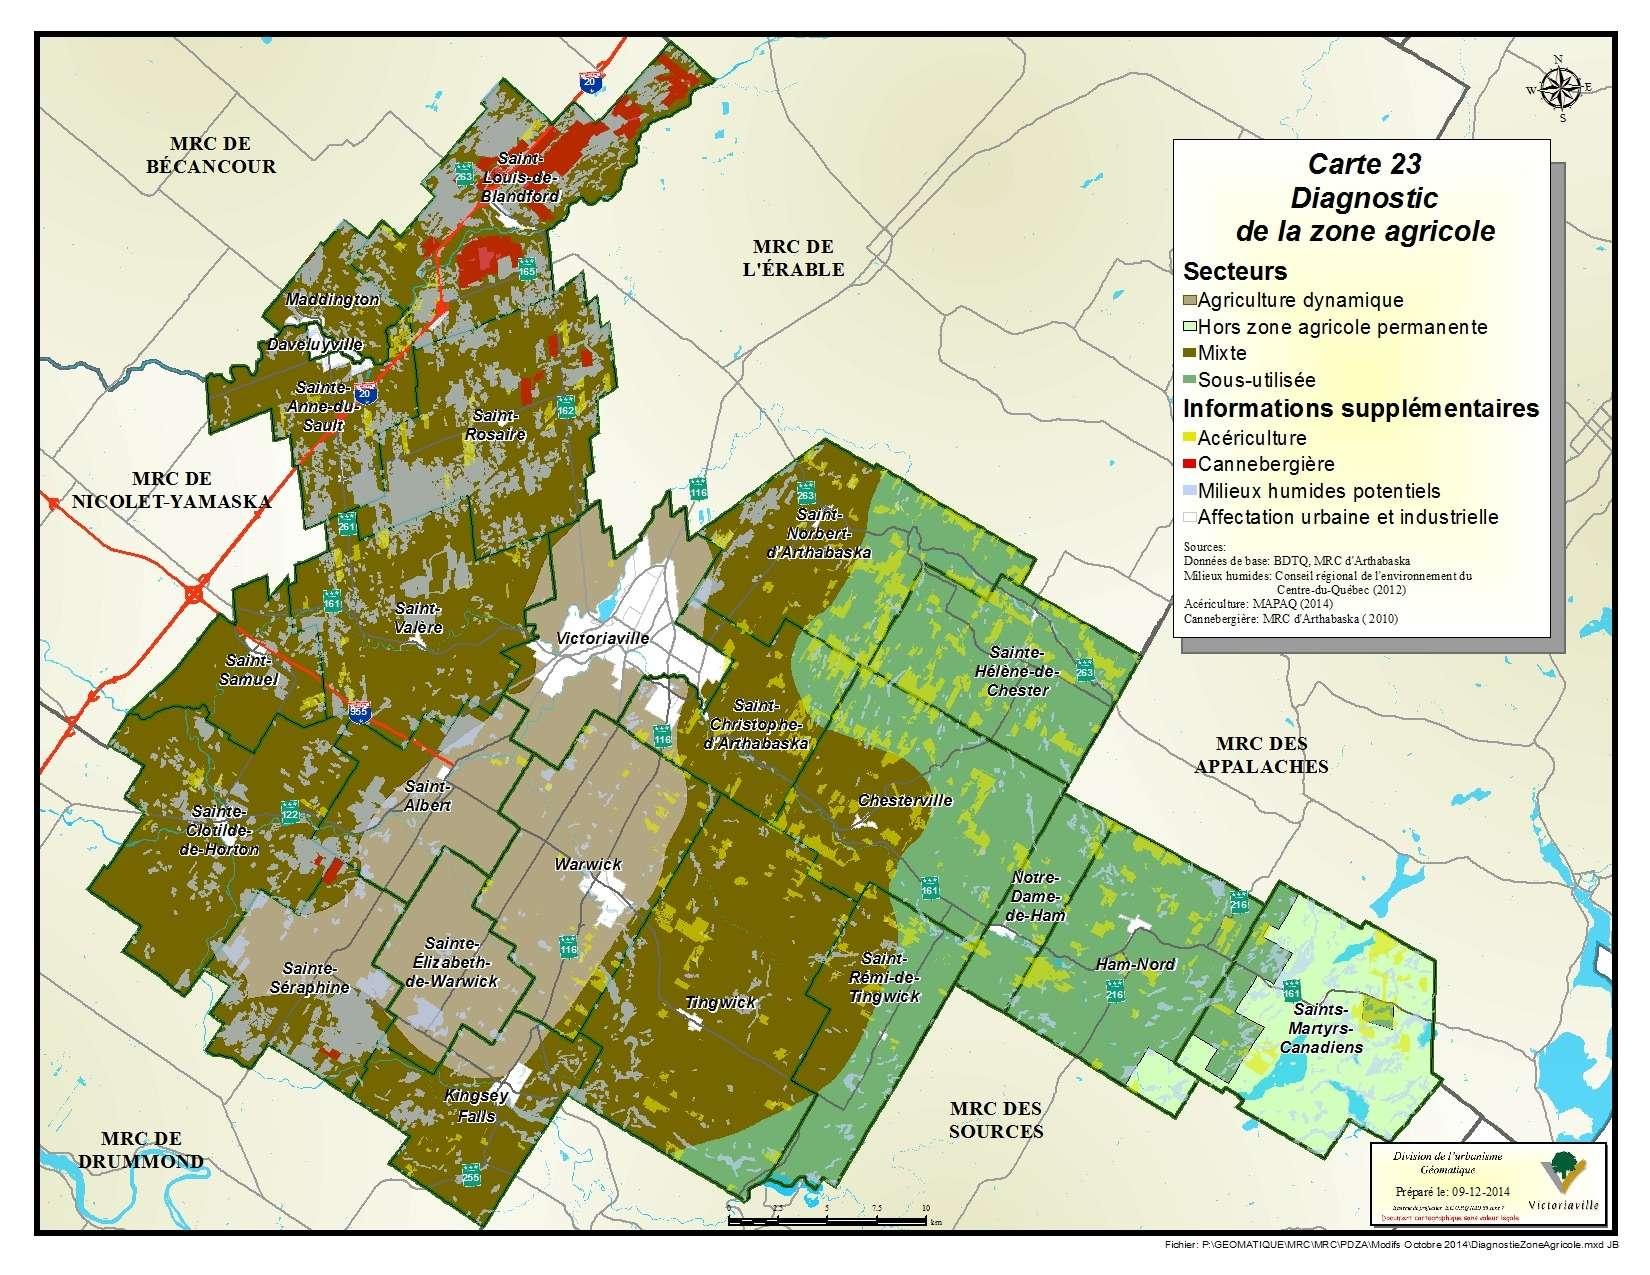 Carte 23 de 23 - Diagnostic de la zone agricole